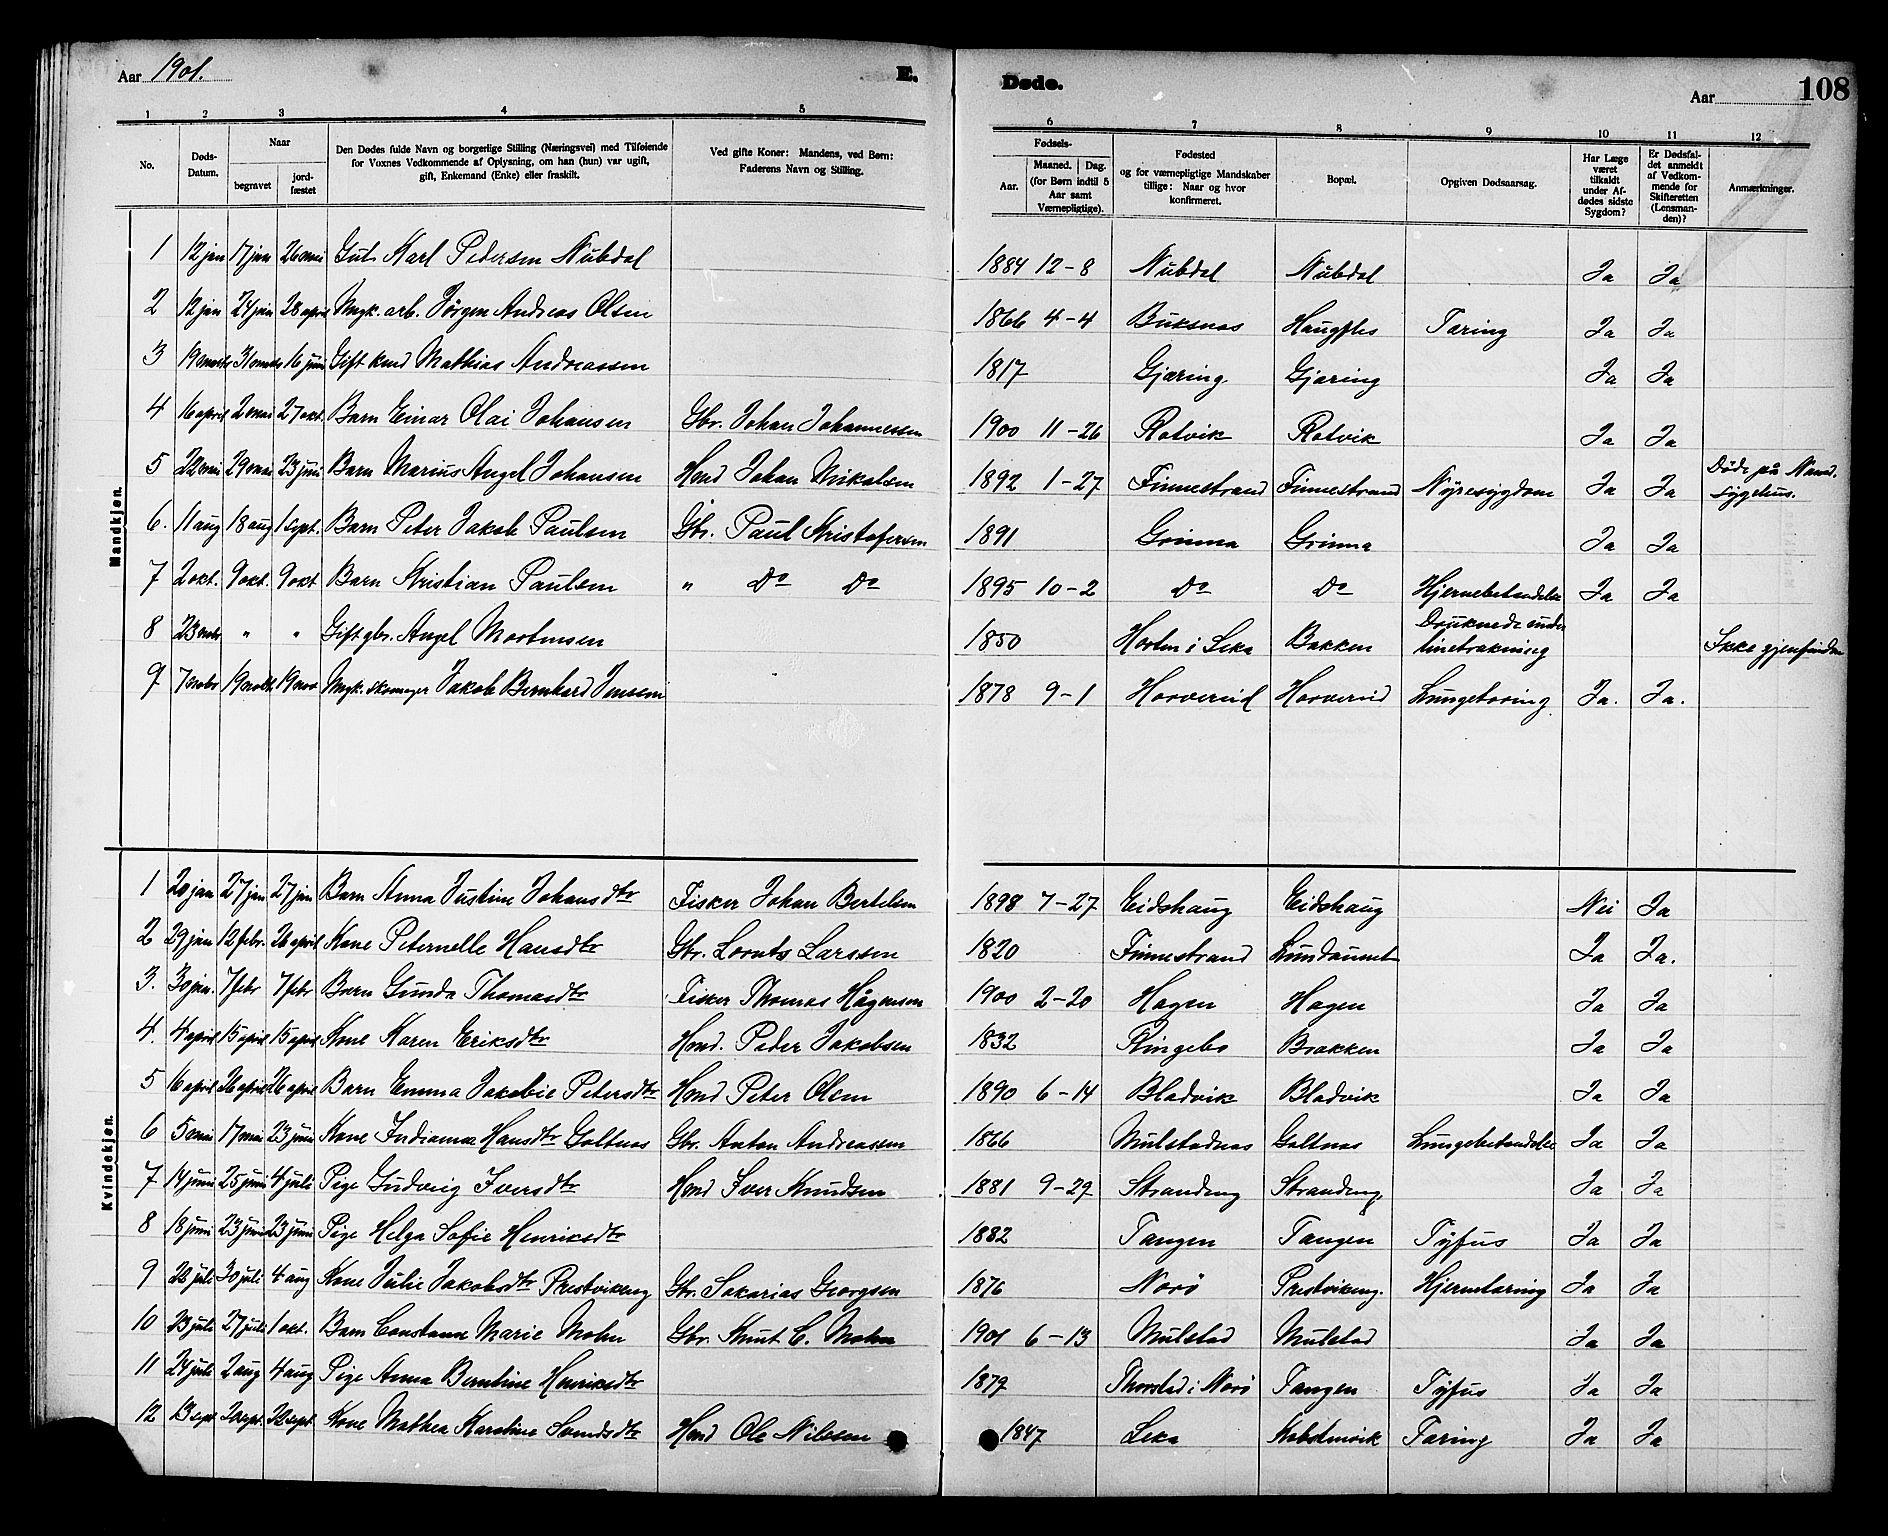 SAT, Ministerialprotokoller, klokkerbøker og fødselsregistre - Nord-Trøndelag, 780/L0652: Klokkerbok nr. 780C04, 1899-1911, s. 108